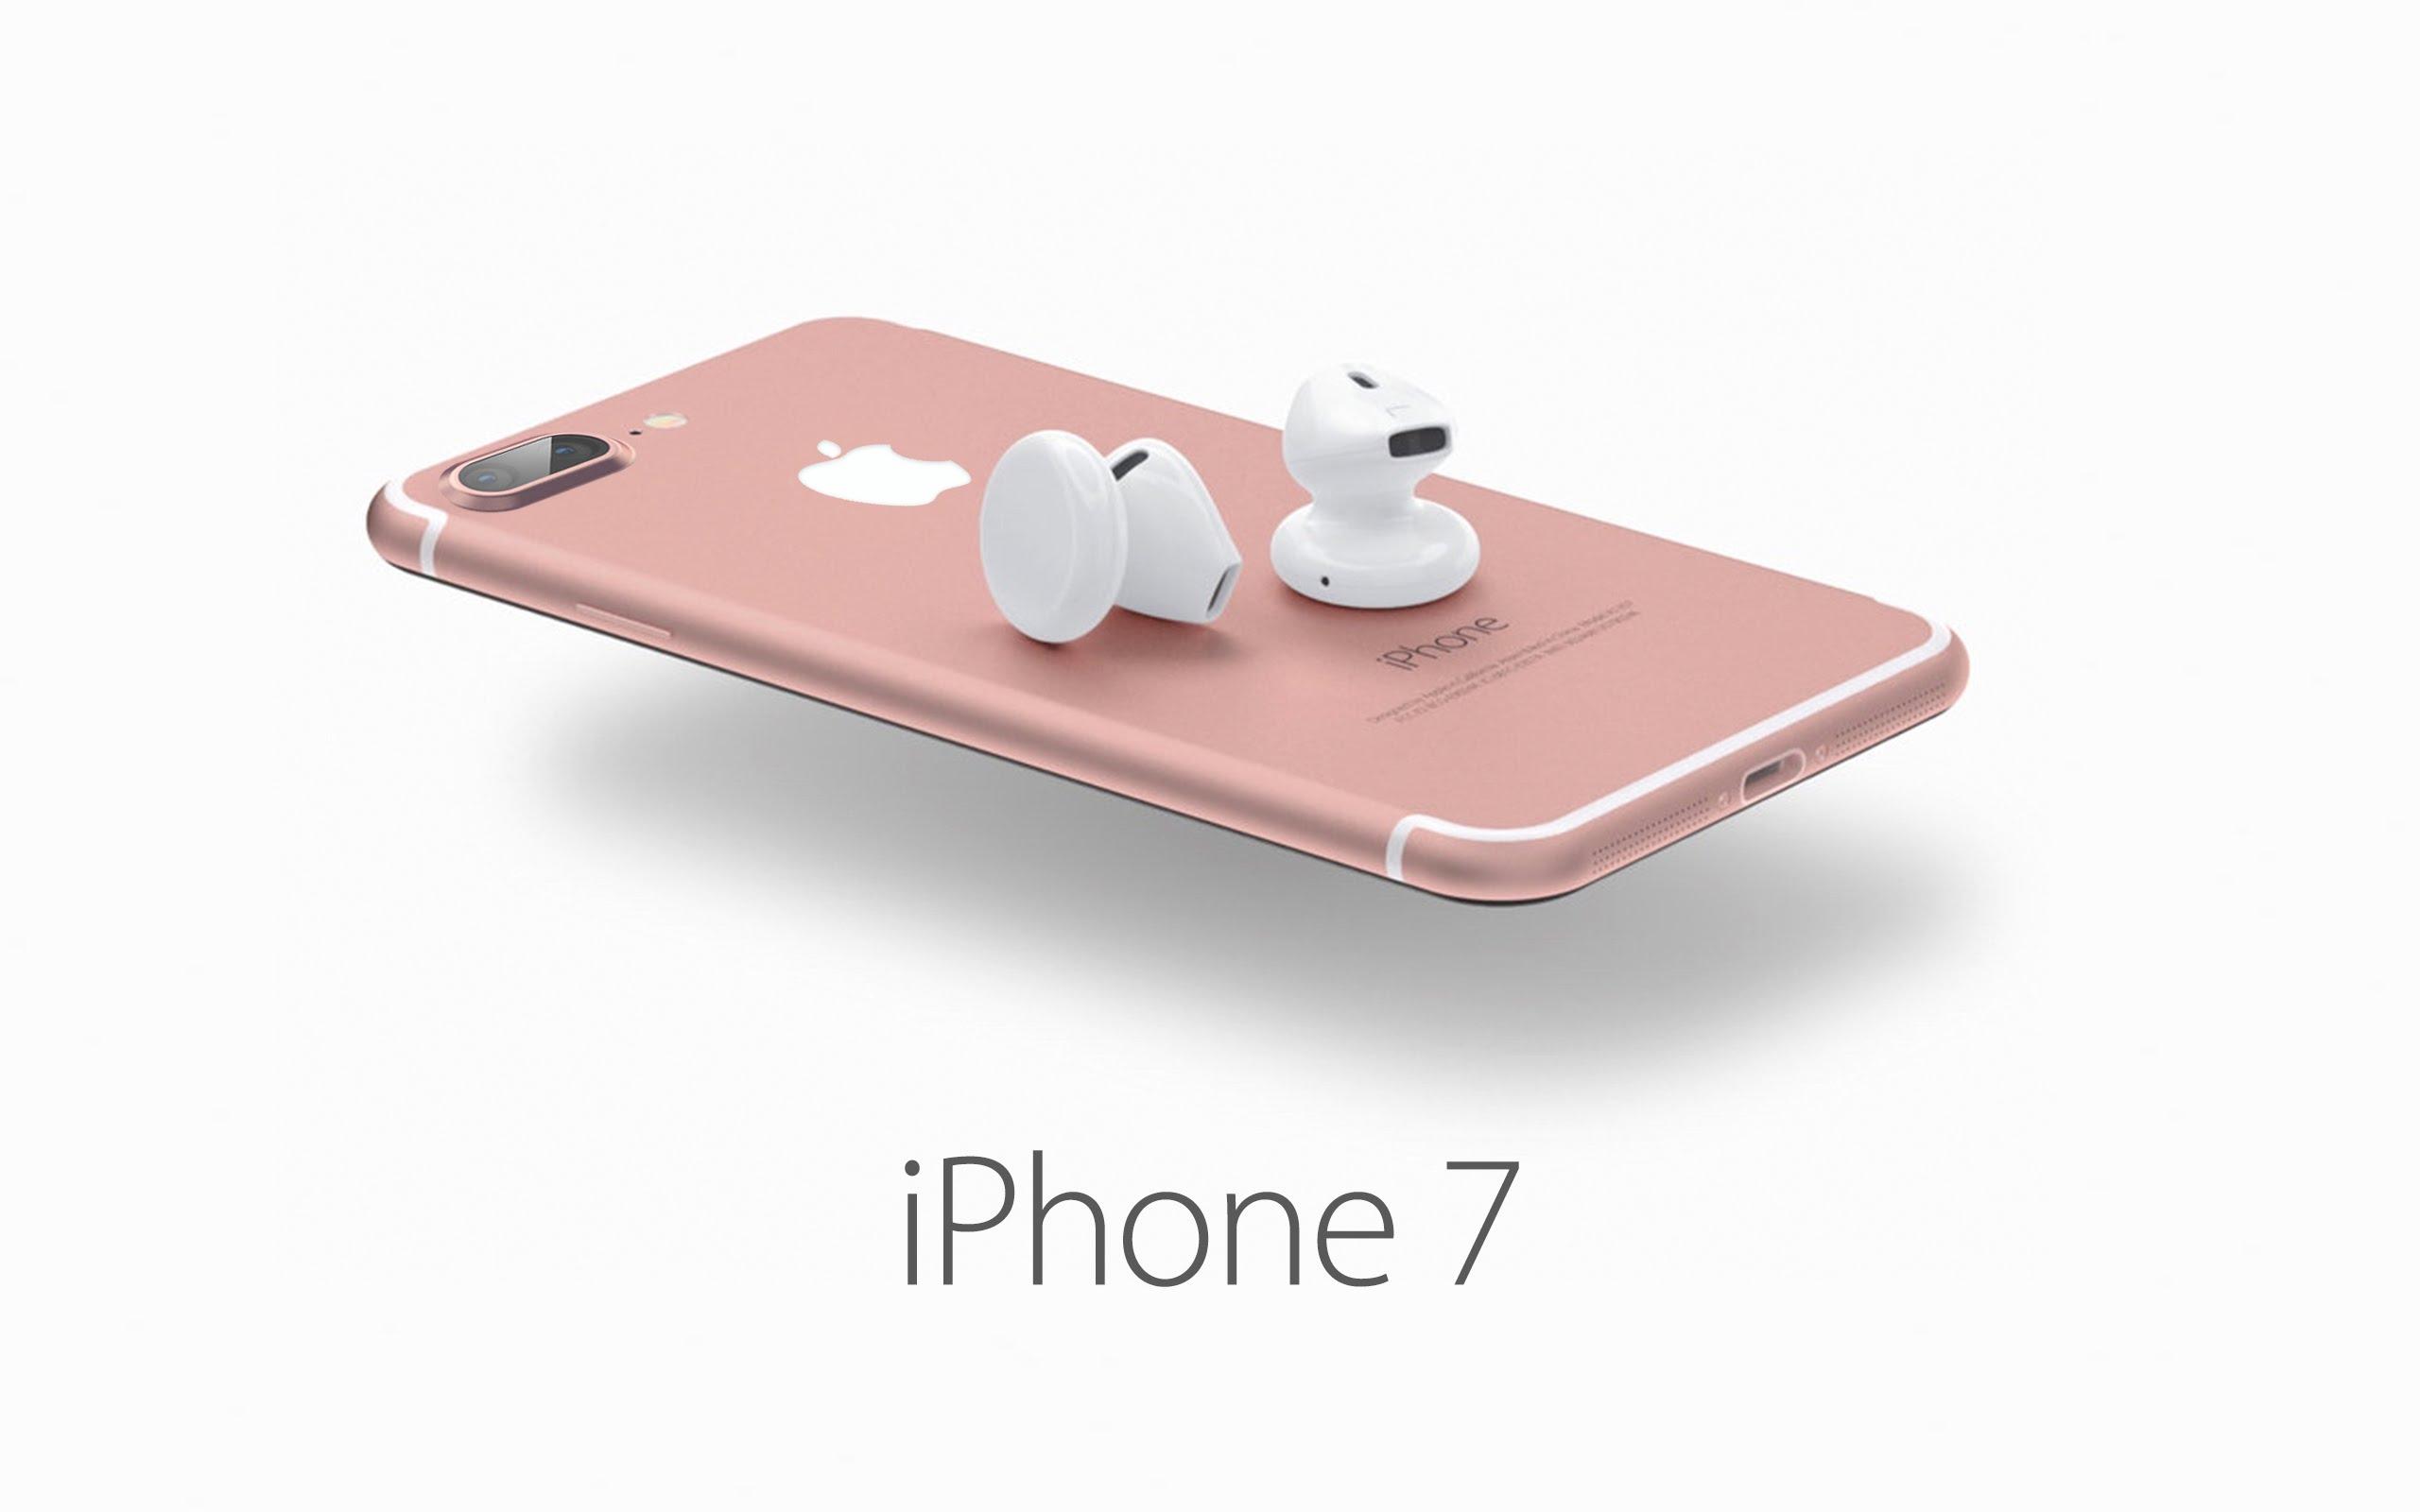 Wird das iPhone 7 langweilig?